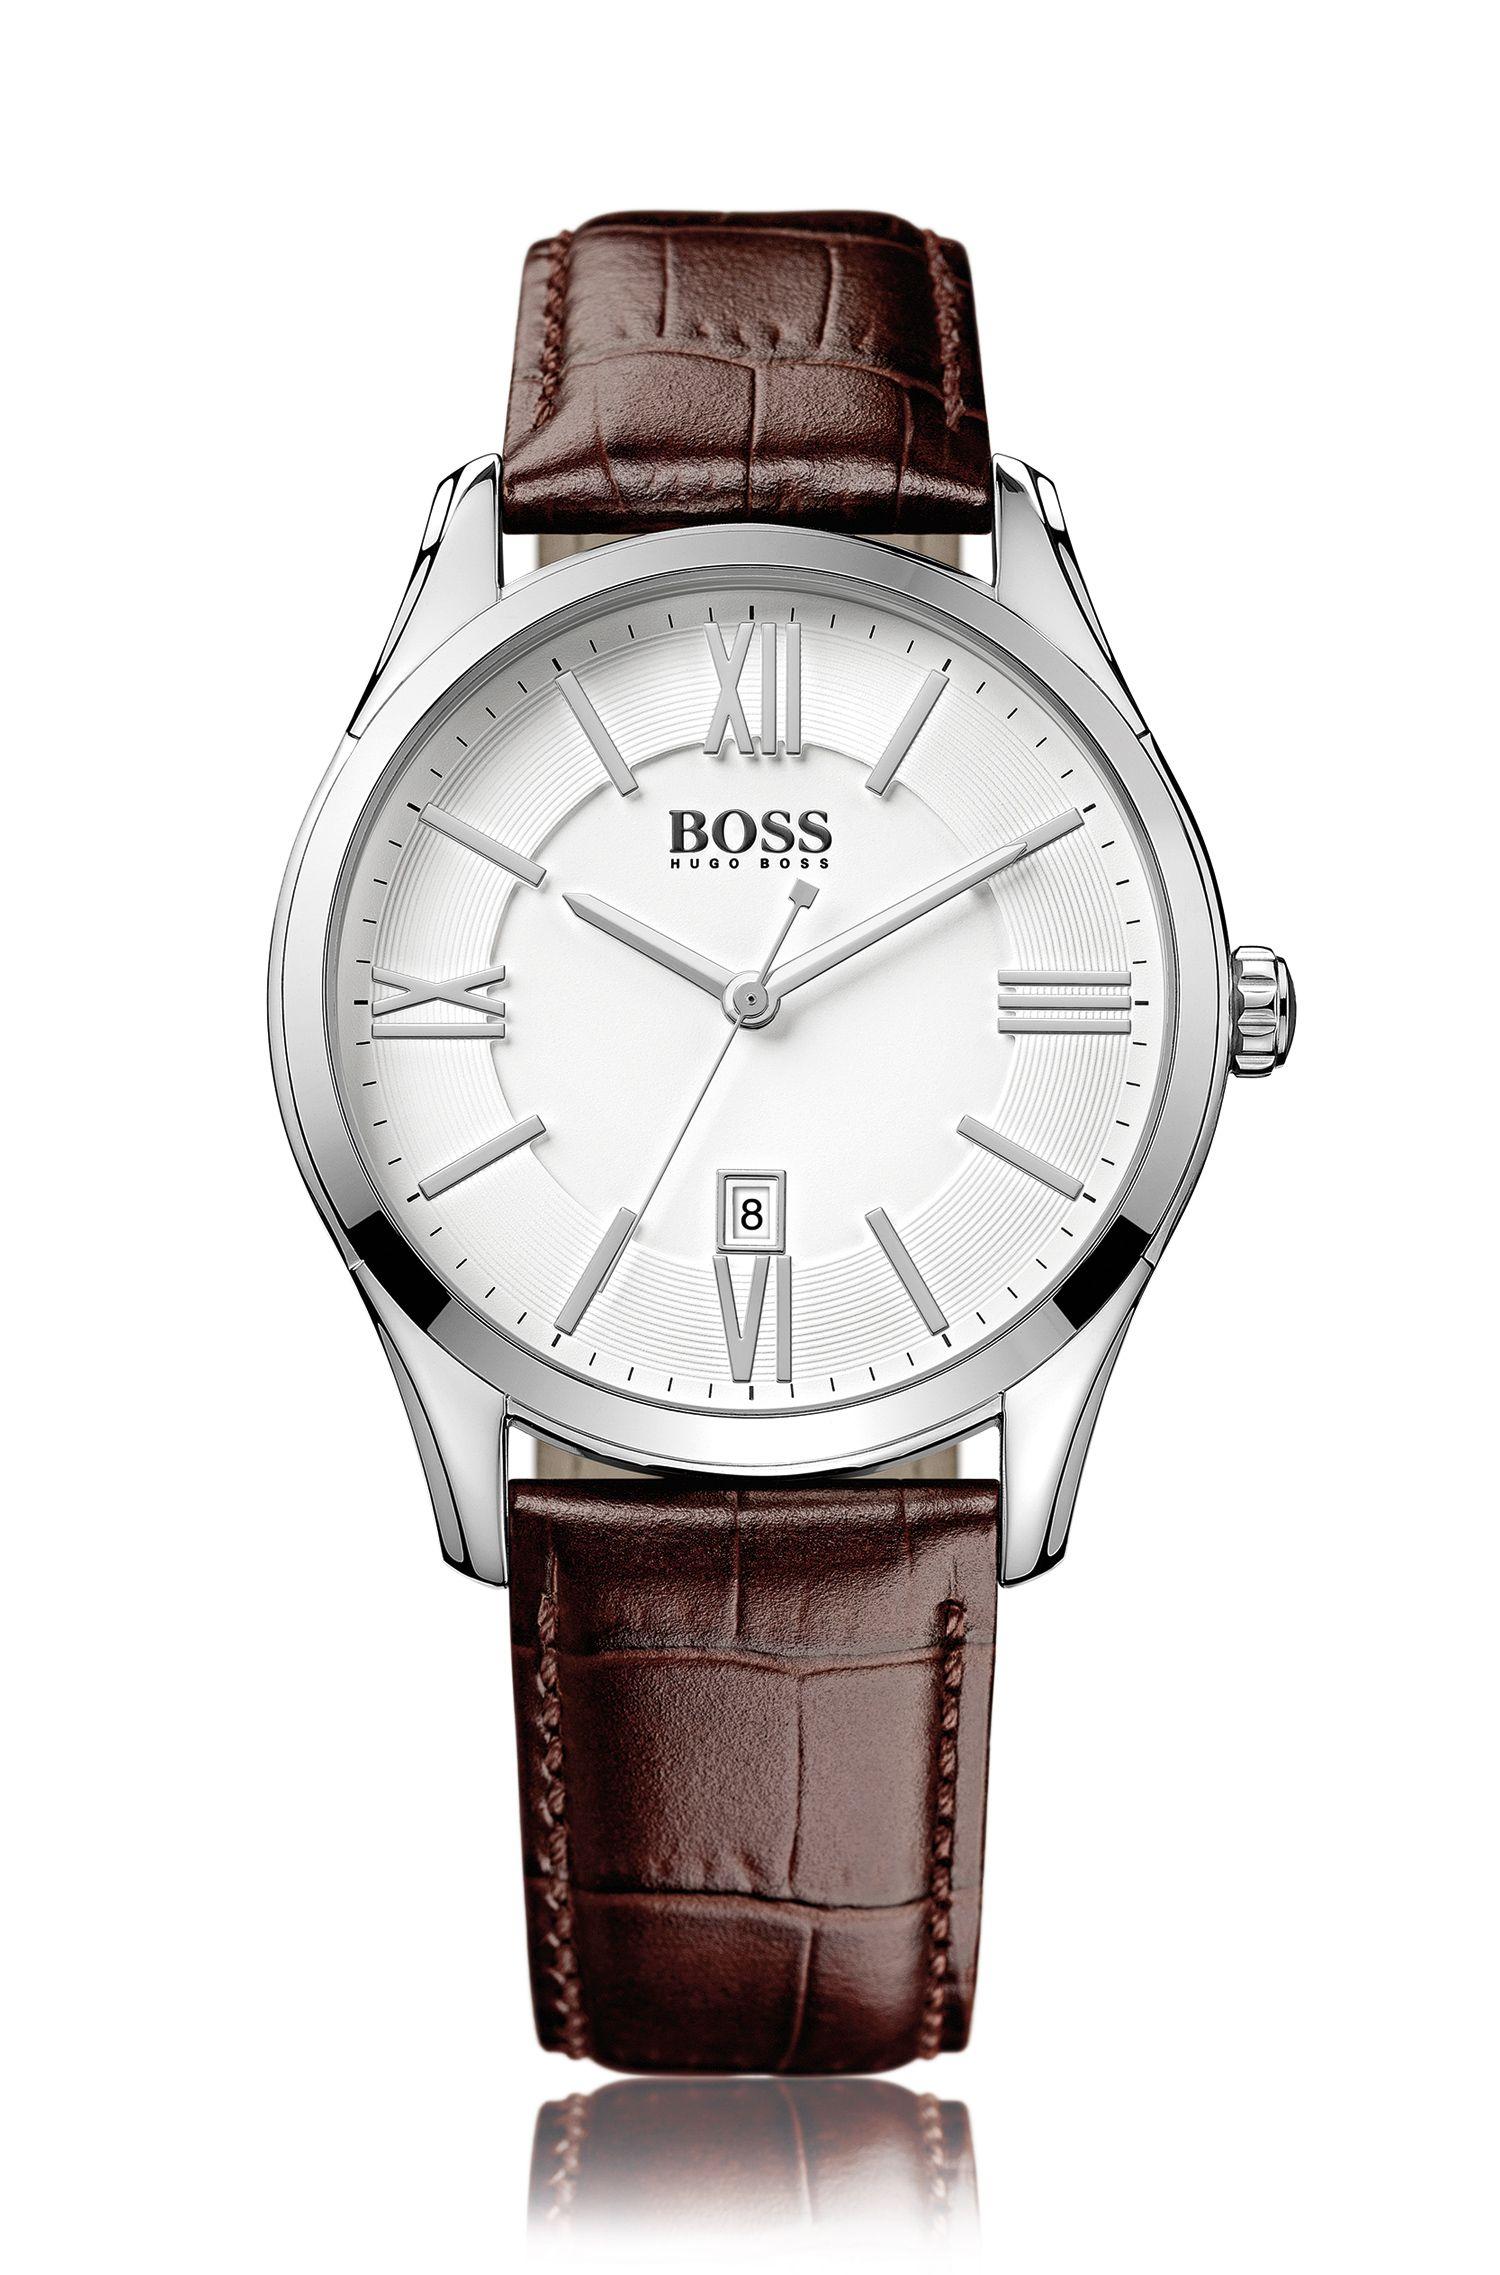 Uhr aus poliertem Edelstahl mit drei Zeigern und Lederarmband